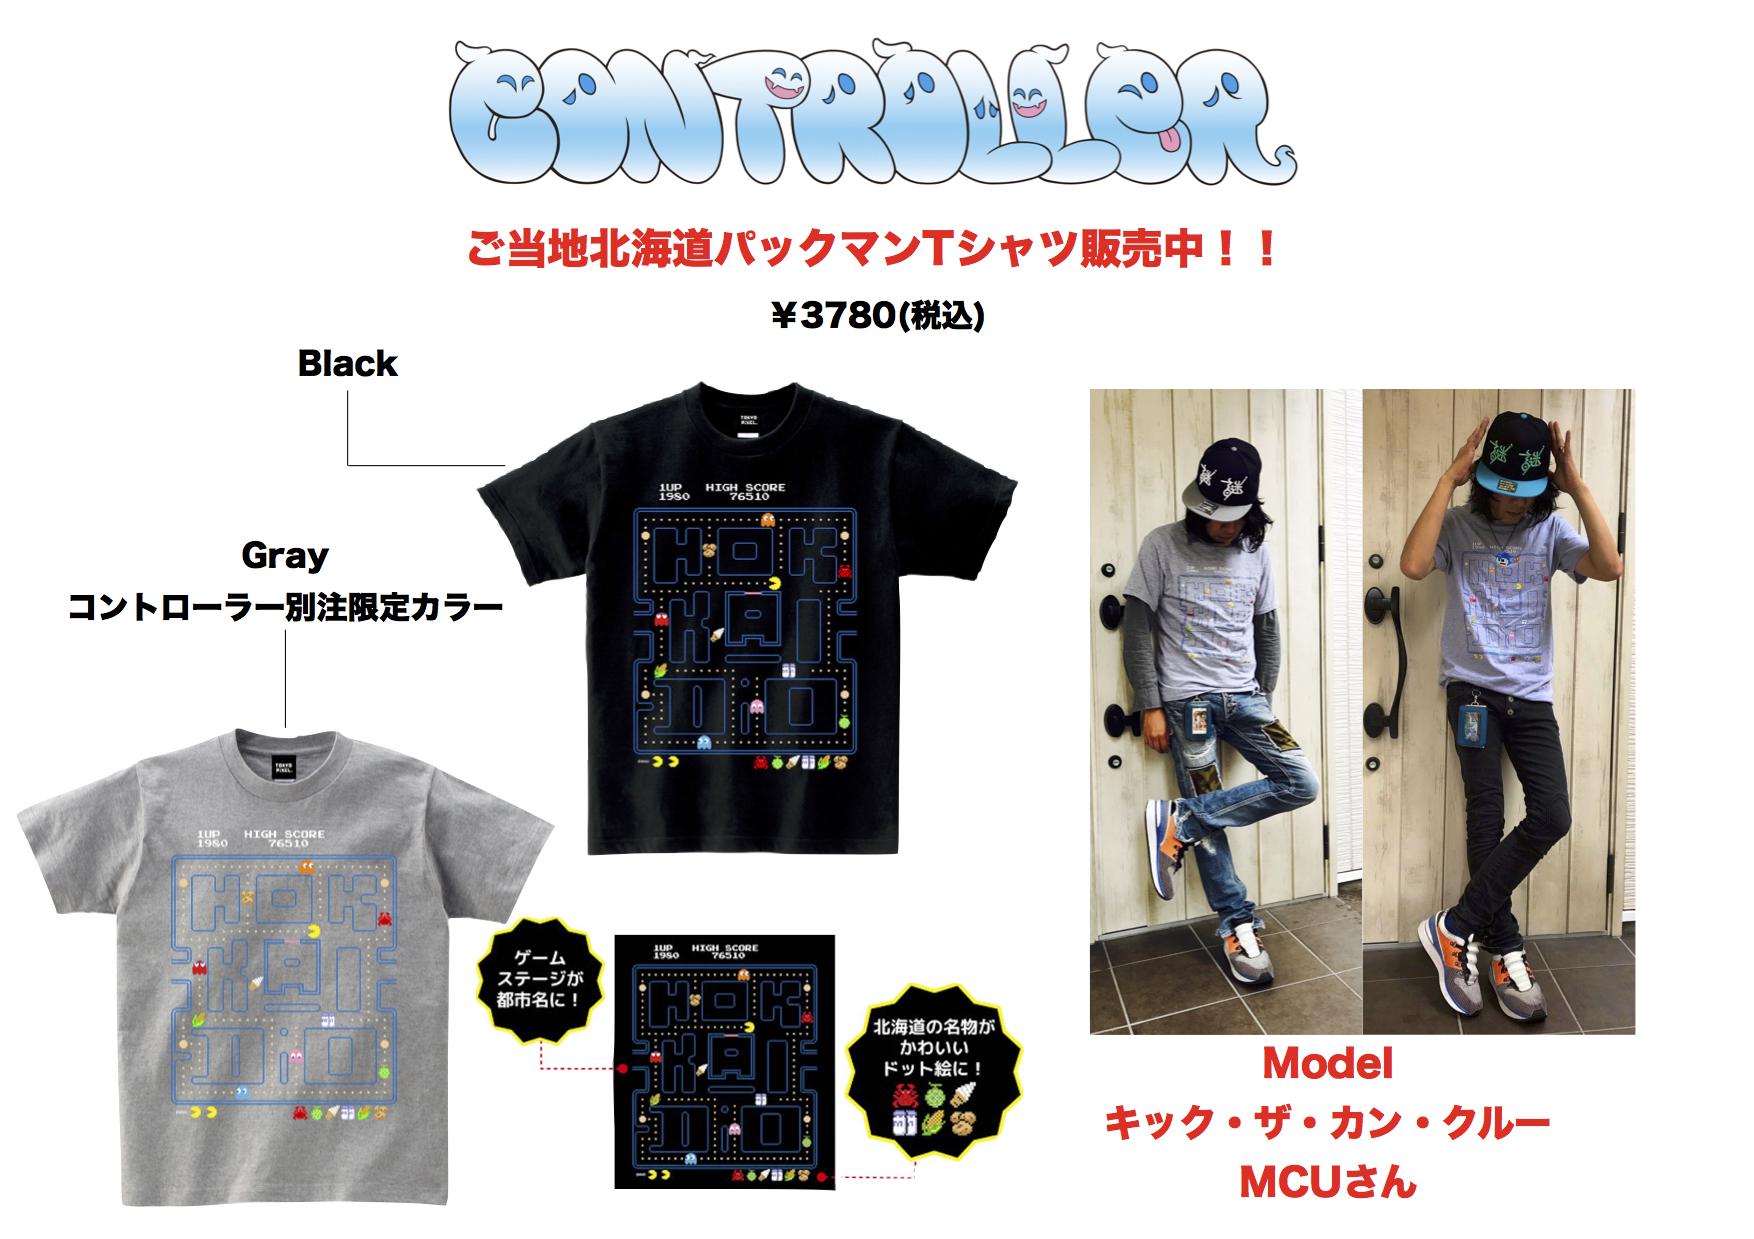 ご当地パックマン 「 Hokkaido 」 Tシャツ グレー  (CONTROLLER 限定商品)